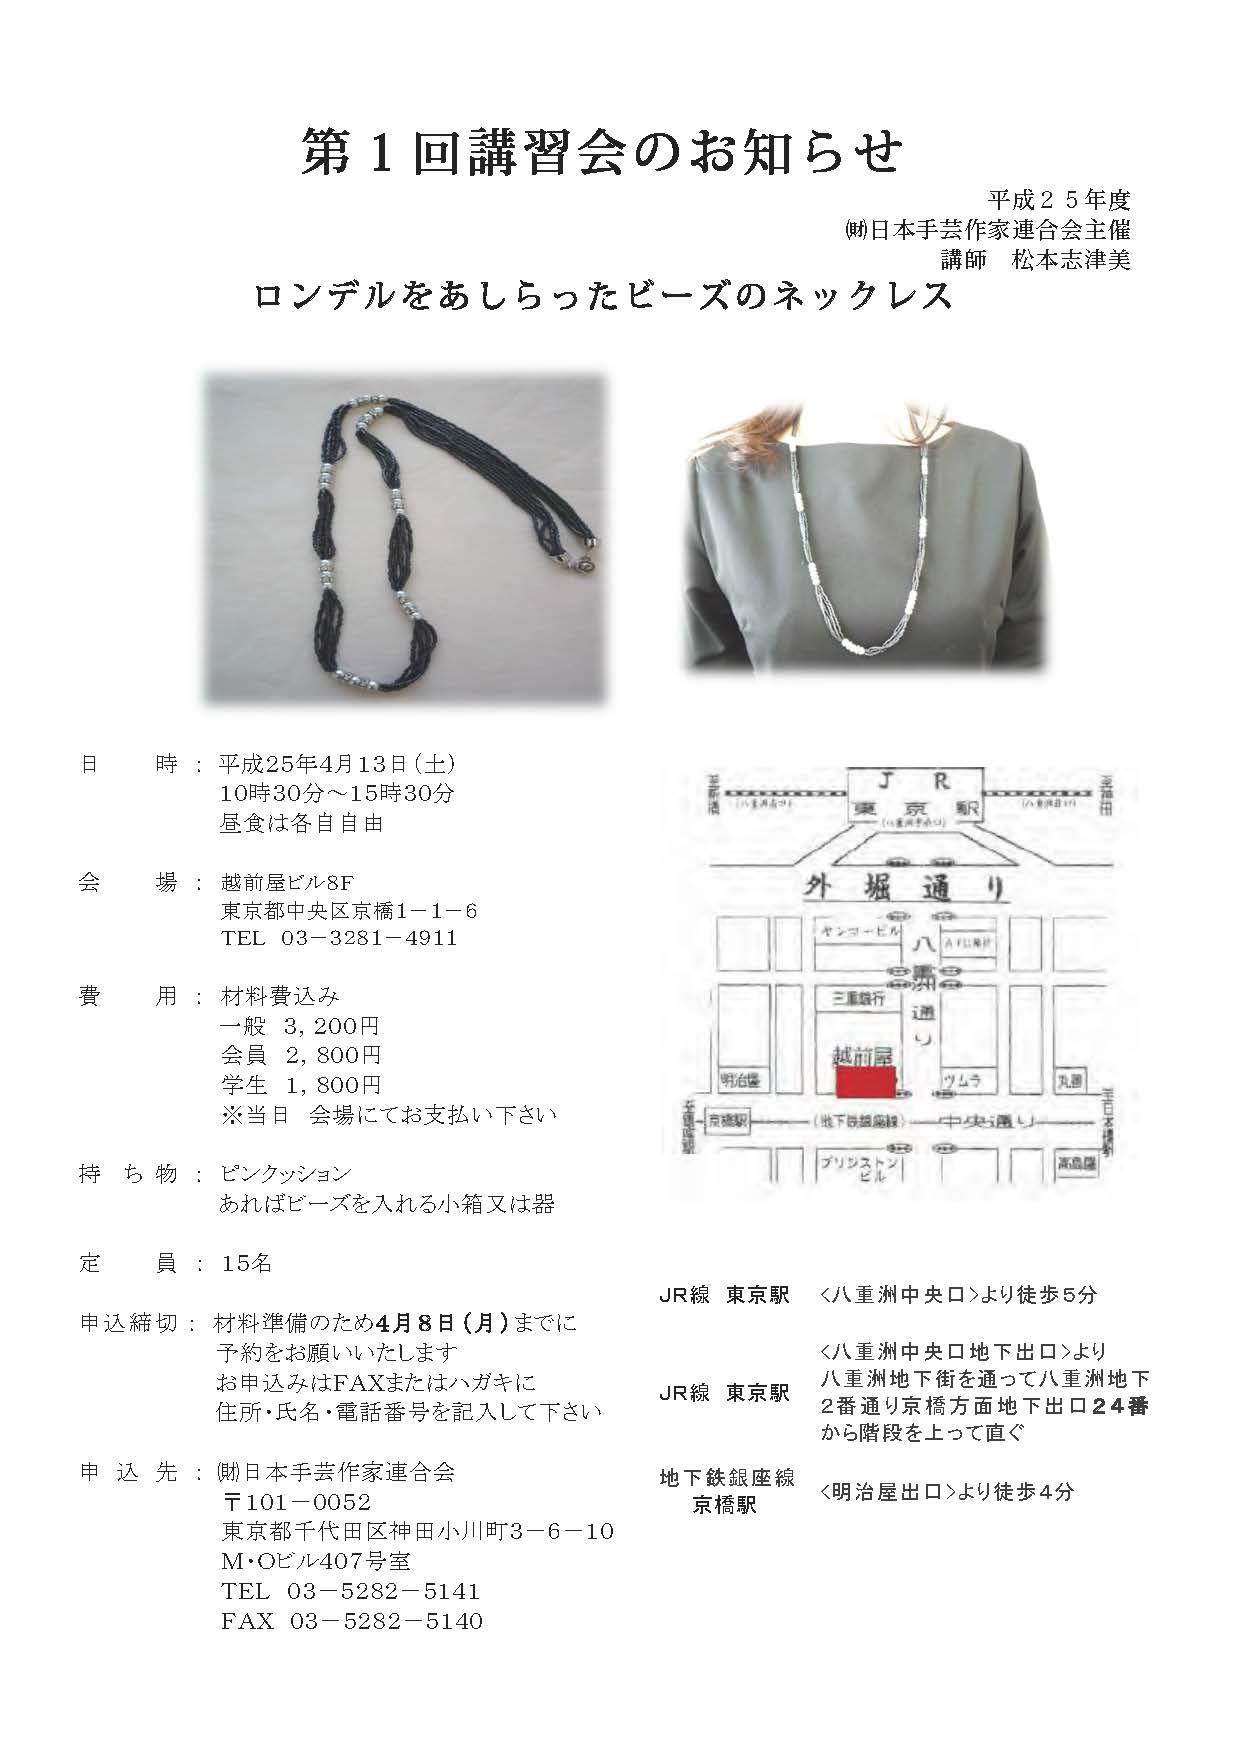 kousyukai-20130413